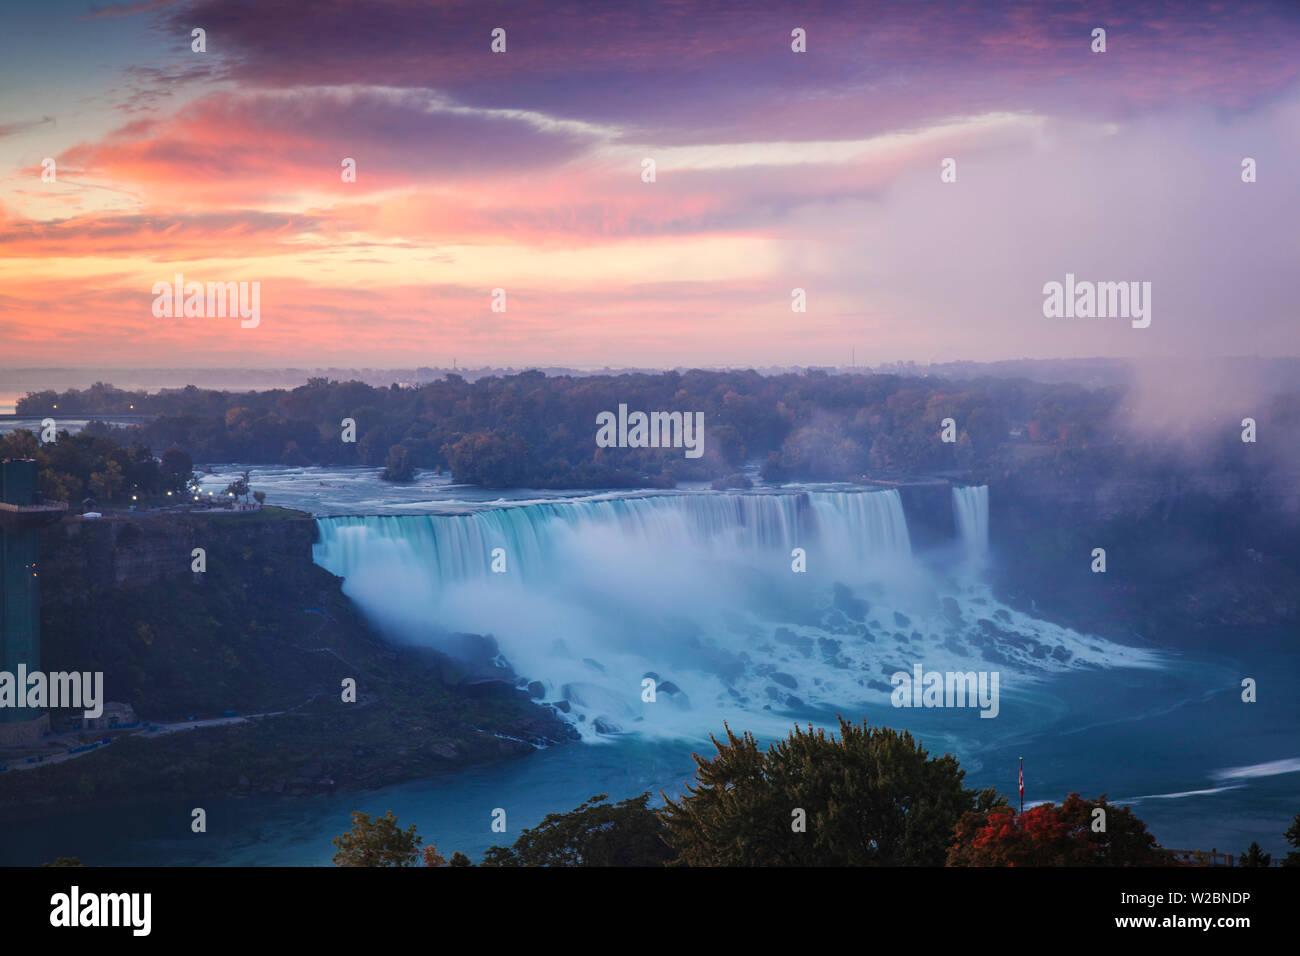 Canada and USA, Ontario and New York State, Niagara, Niagara Falls, View of The American and Bridal Veil Falls at dawn Stock Photo